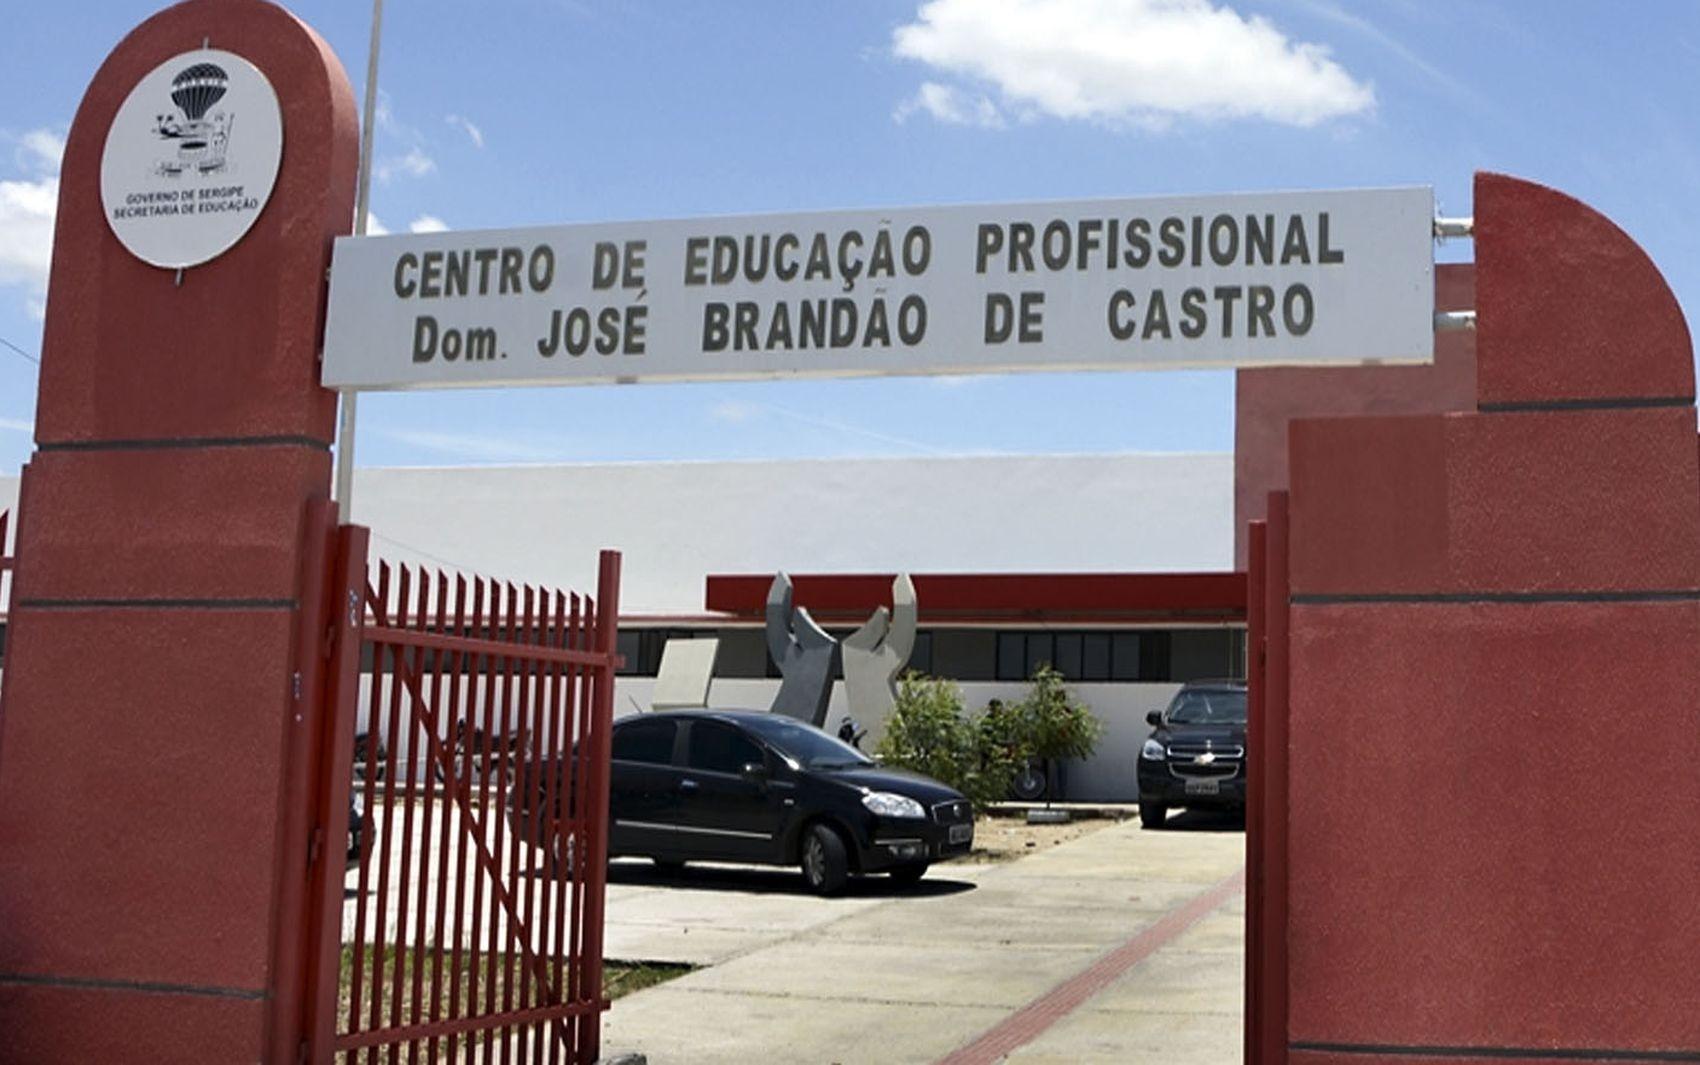 Centro educacional está com inscrições abertas para vagas em cursos técnicos em Poço Redondo